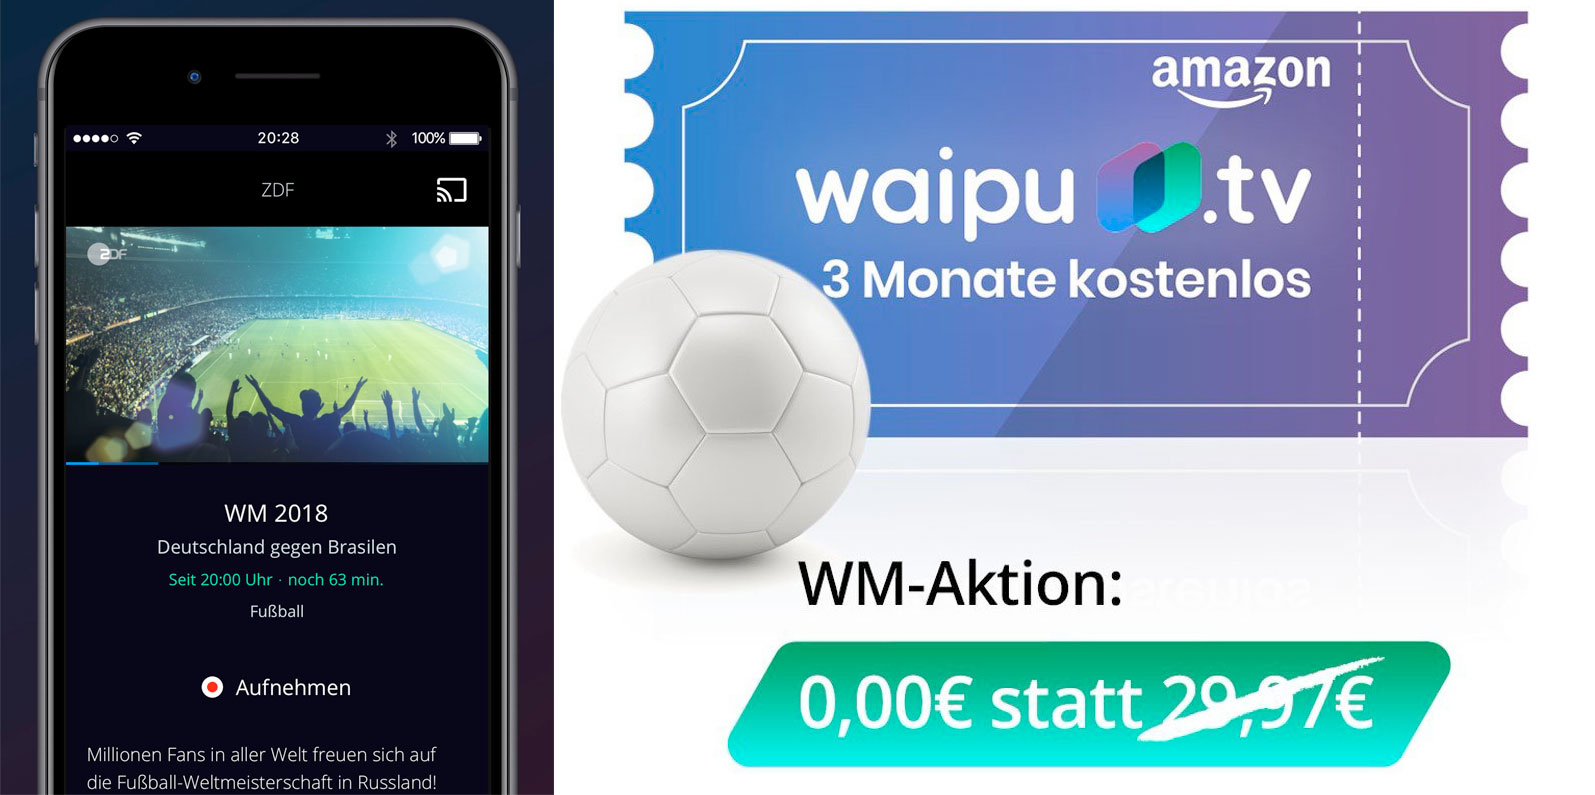 Waipu App Aktion